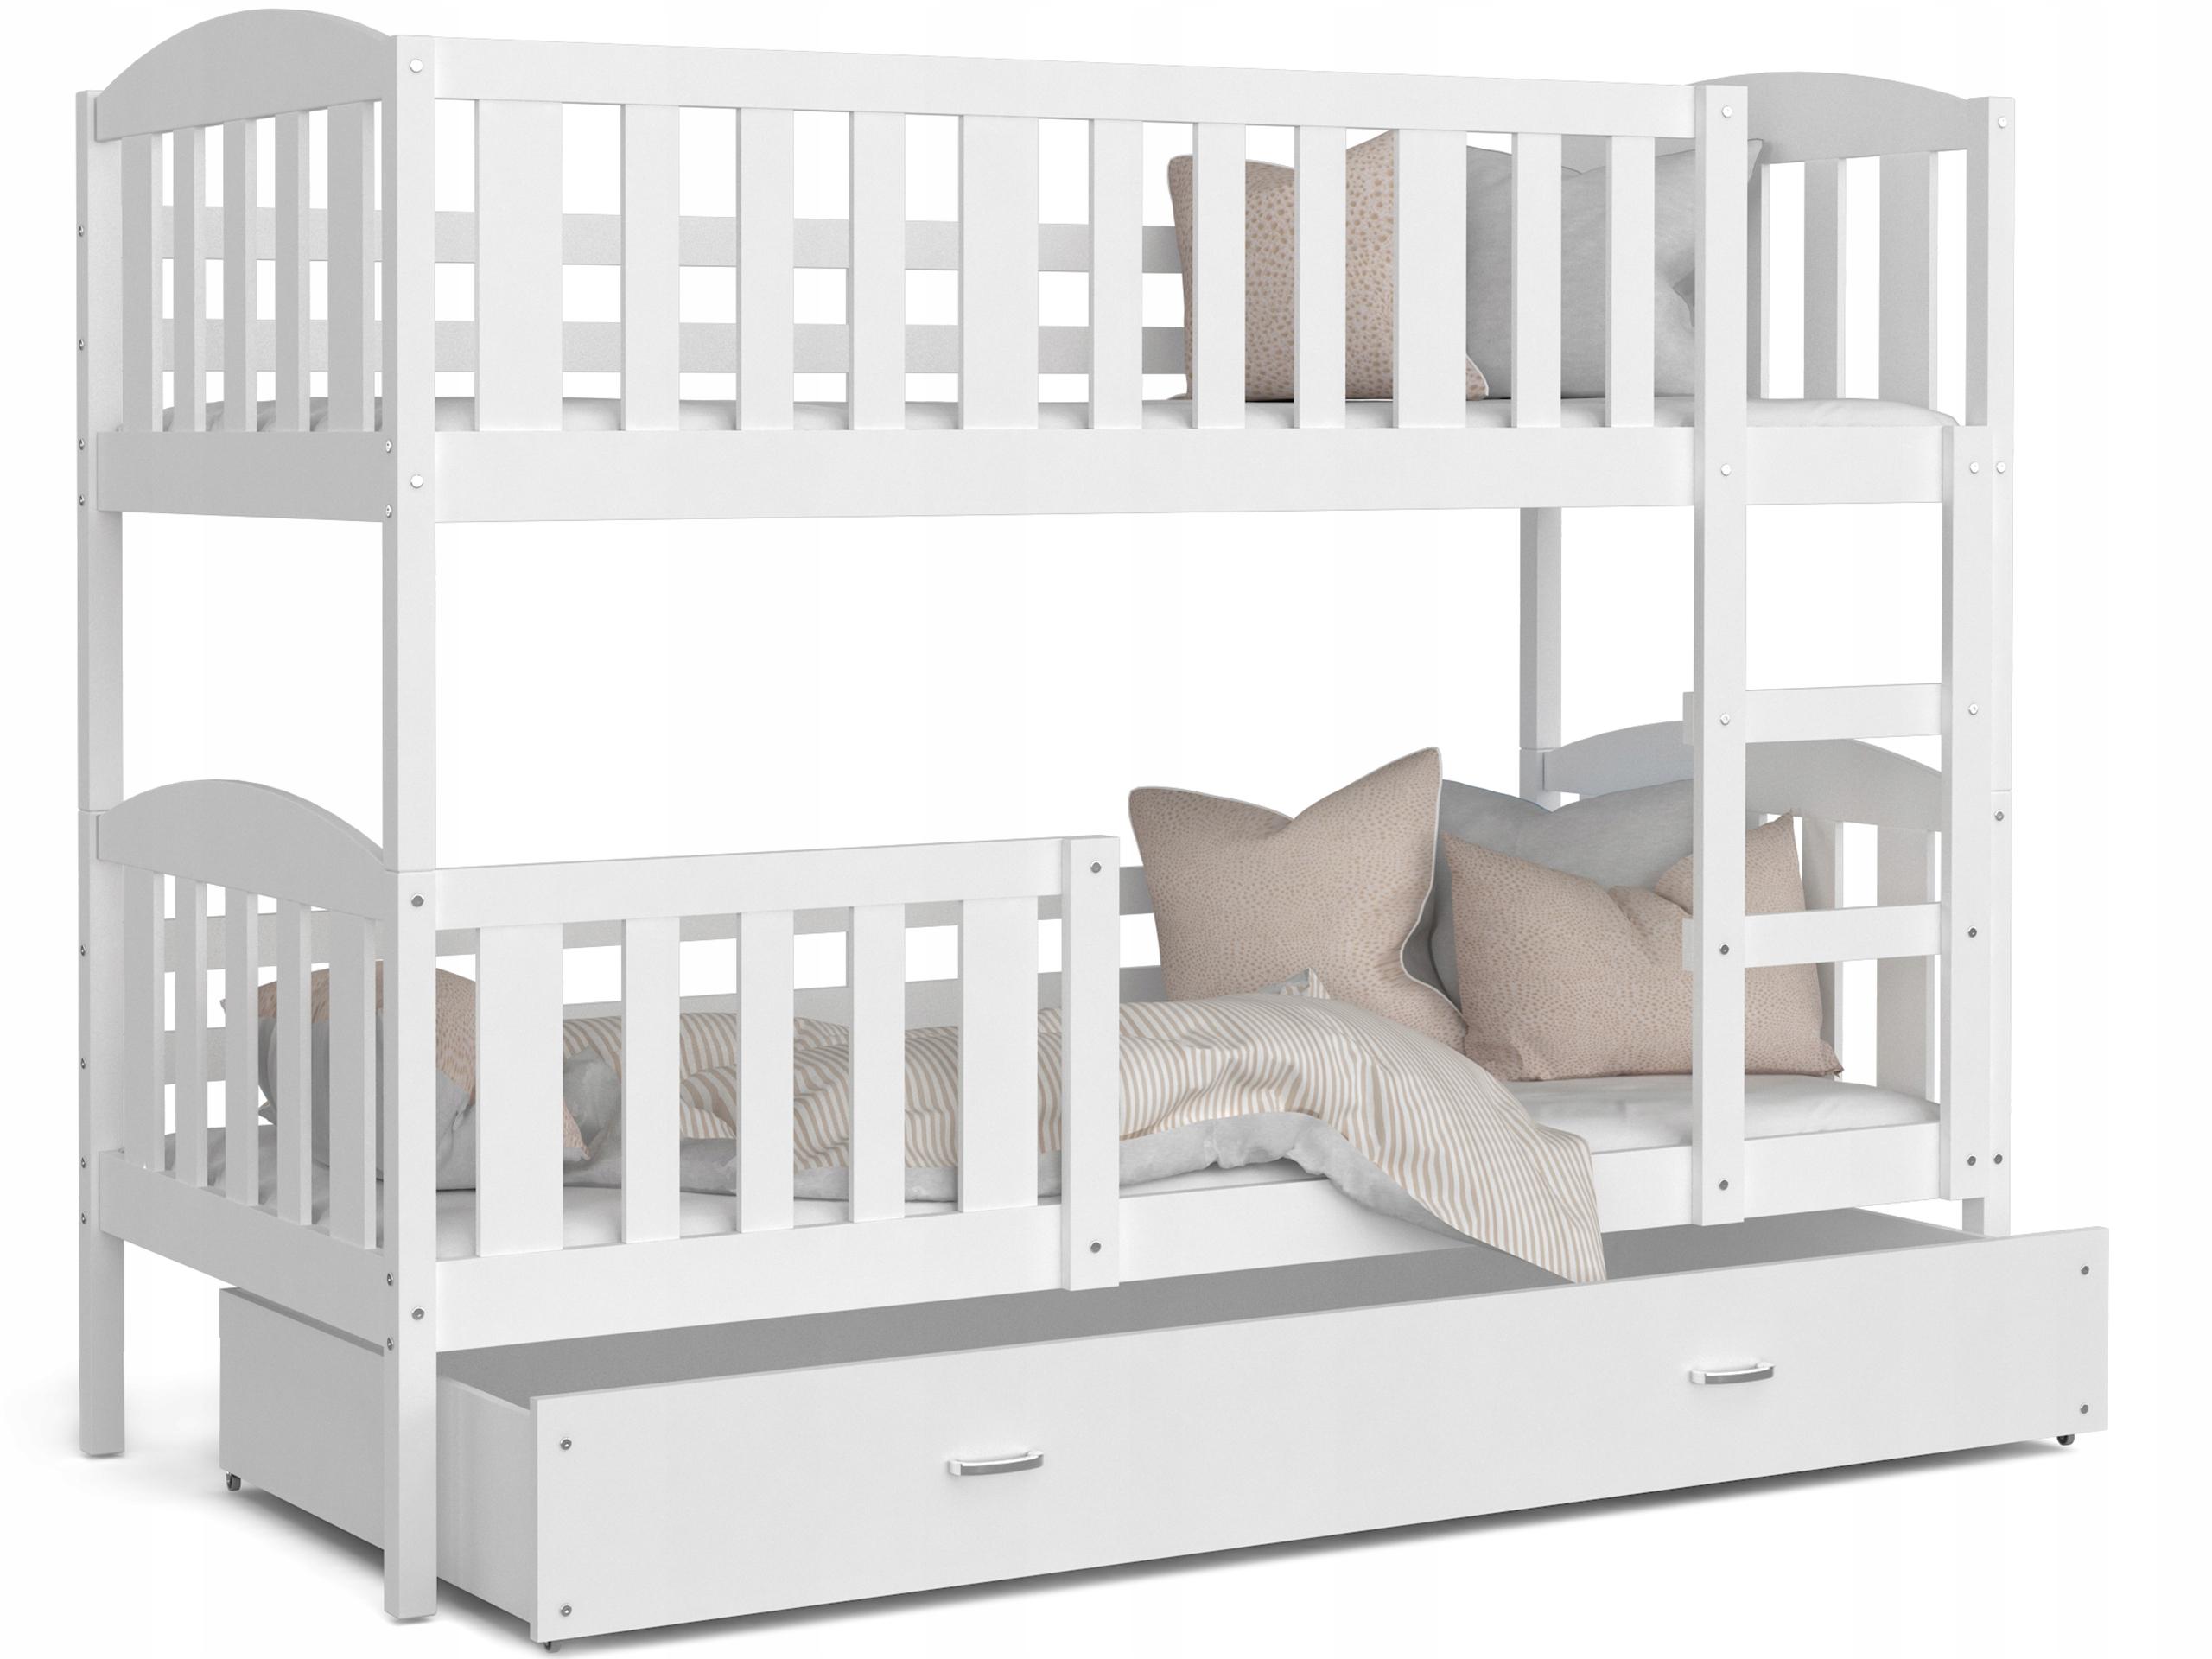 Łóżko piętrowe KUBUŚ białe białe 160x80